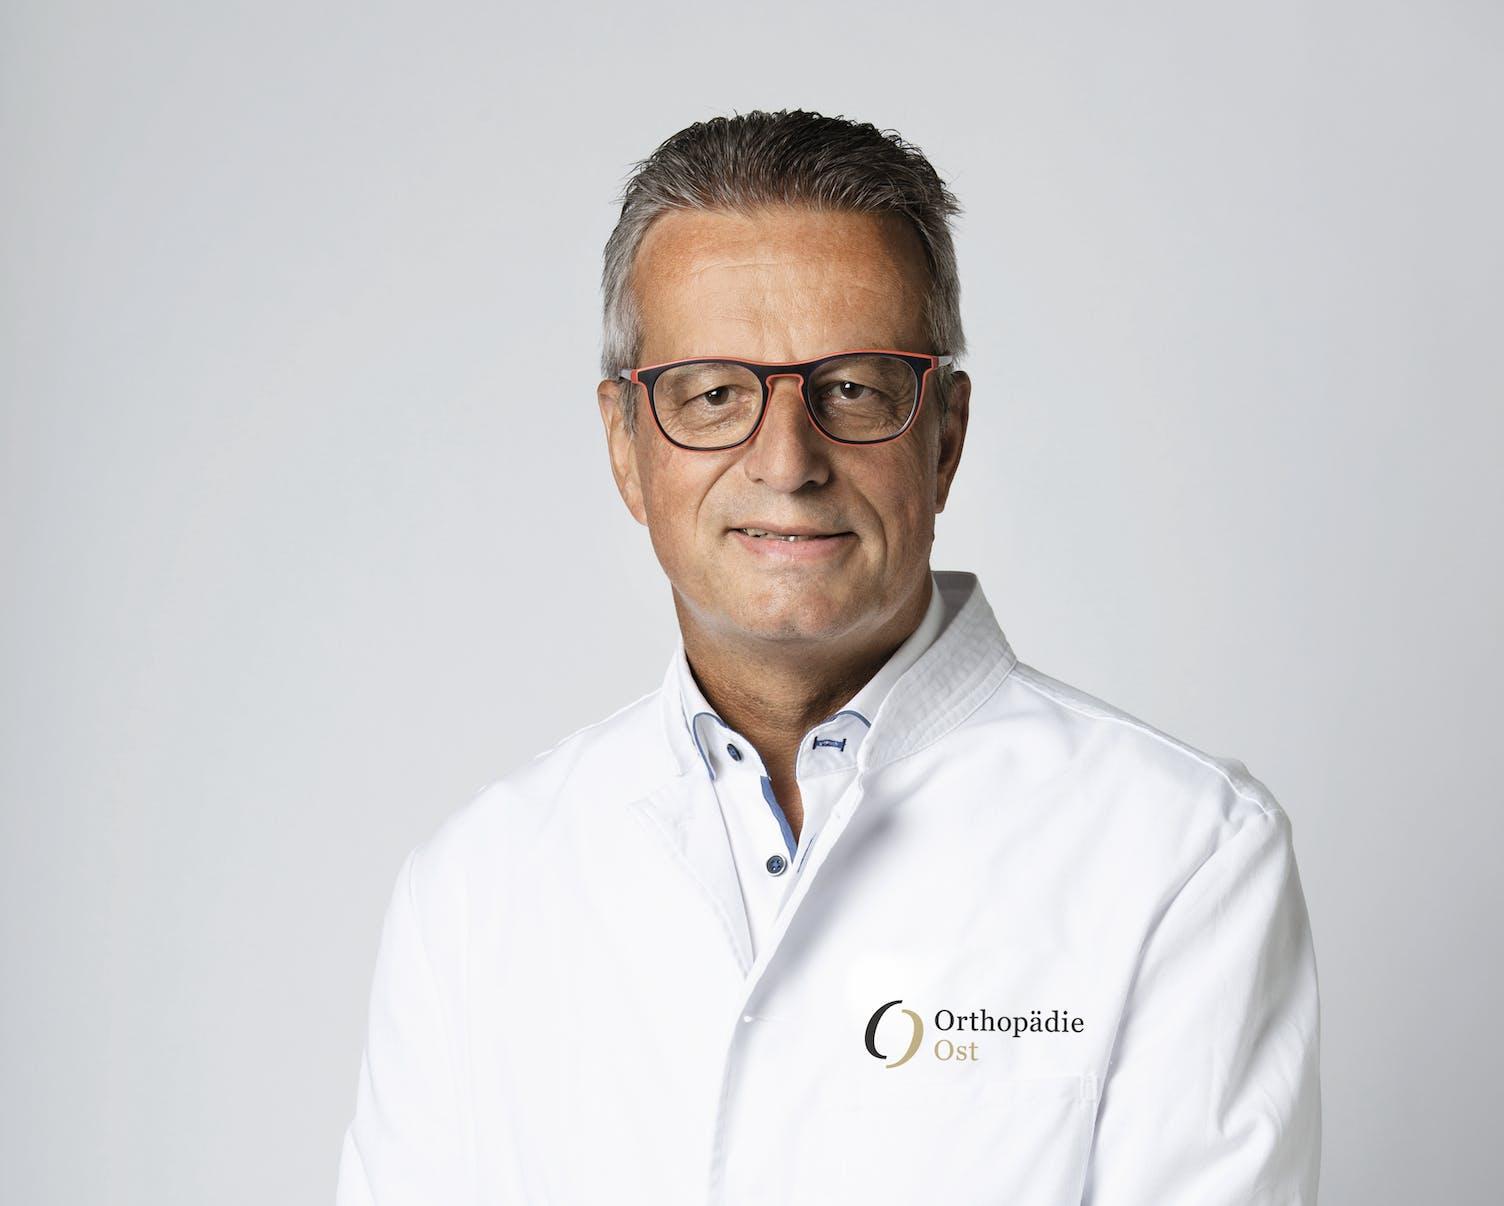 Andreas Bischof